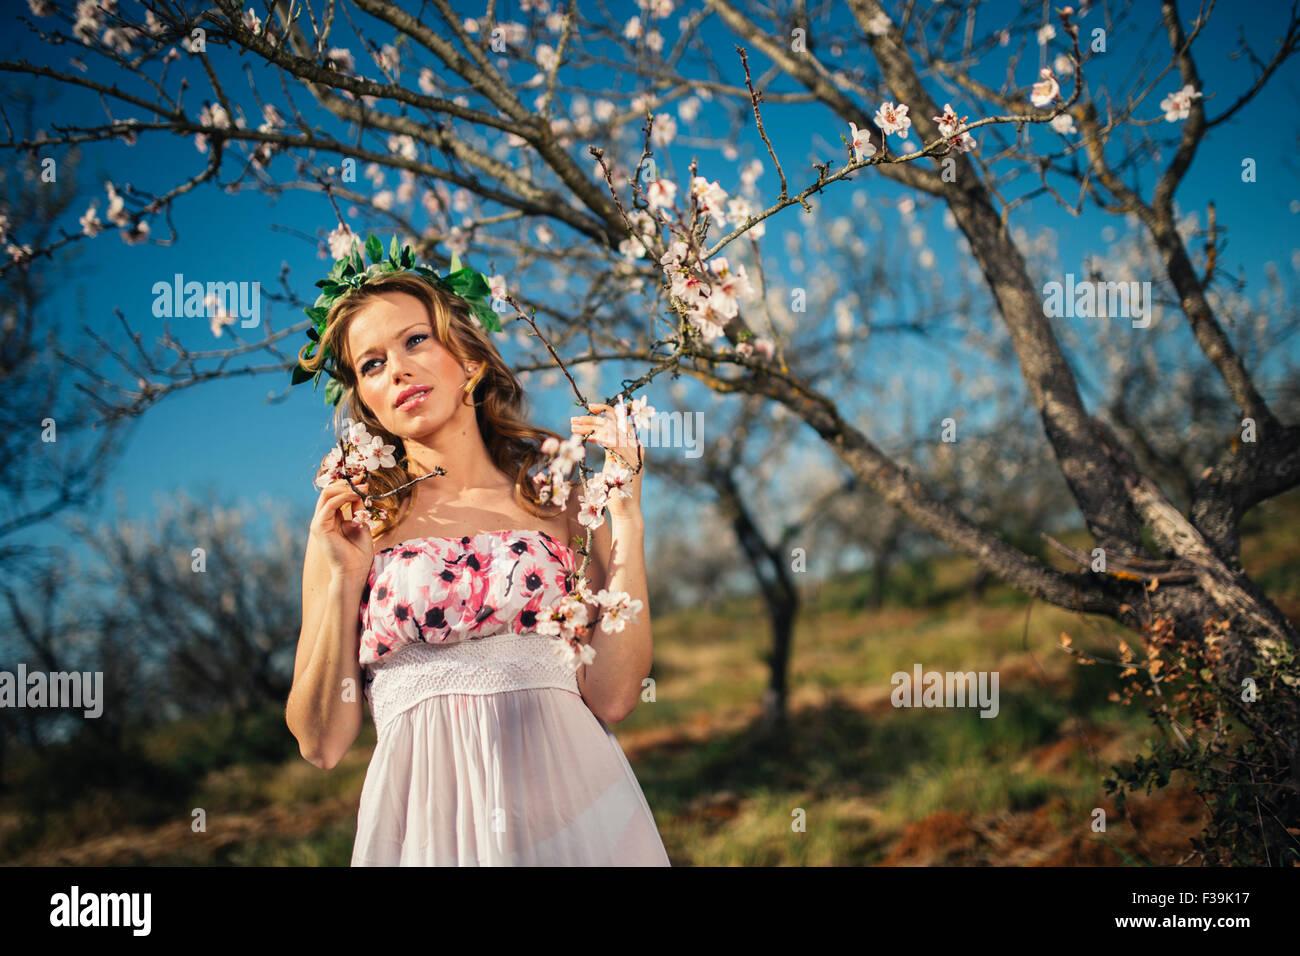 Retrato de una mujer usando un tocado de pie junto a un árbol en flor en primavera Imagen De Stock